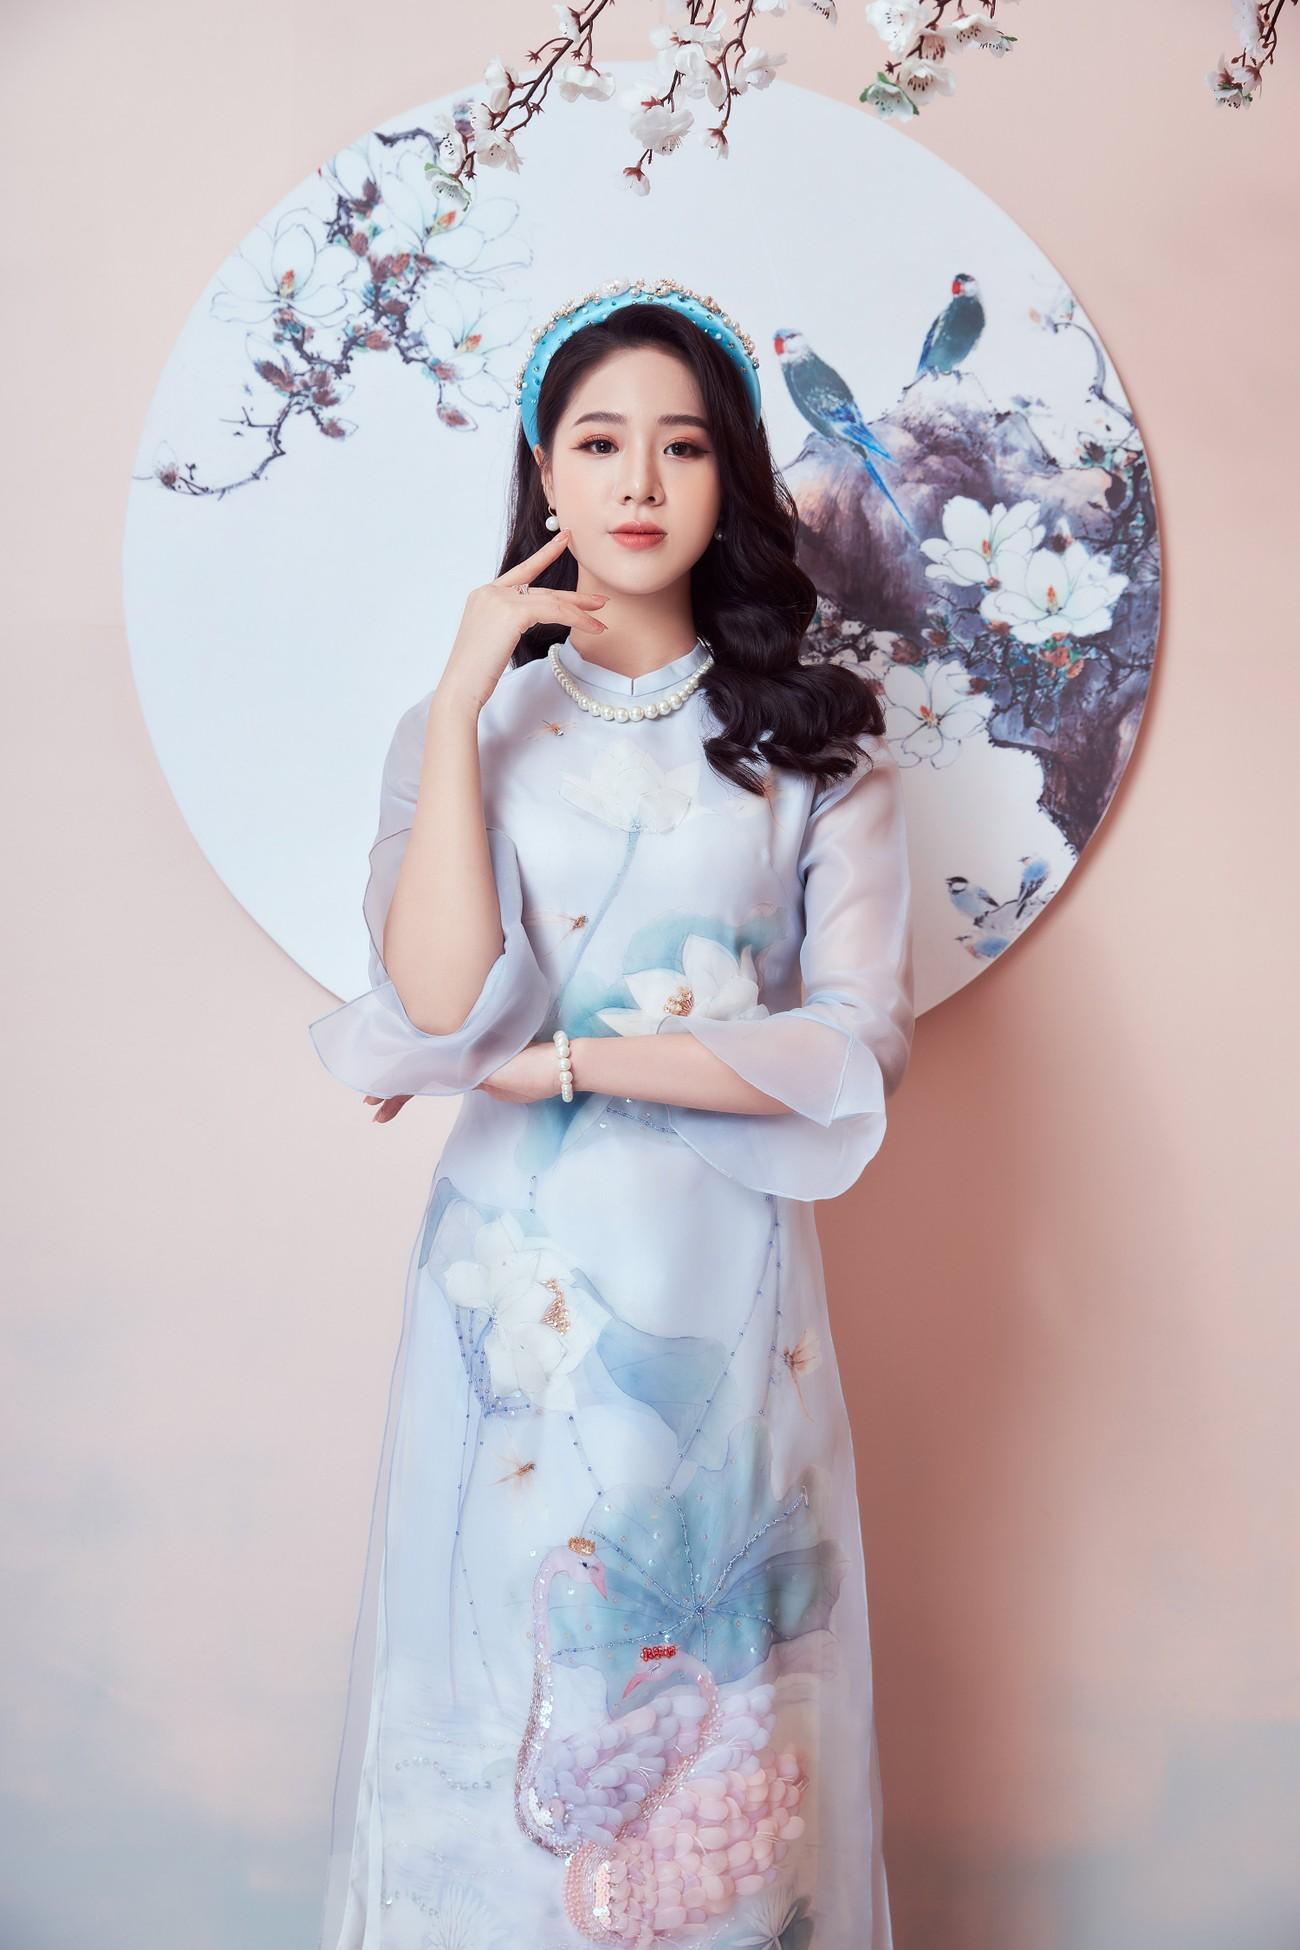 Người đẹp Biển Nguyễn Hoàng Bảo Châu đẹp 'gây mê' trong bộ ảnh áo dài đón Tết ảnh 4